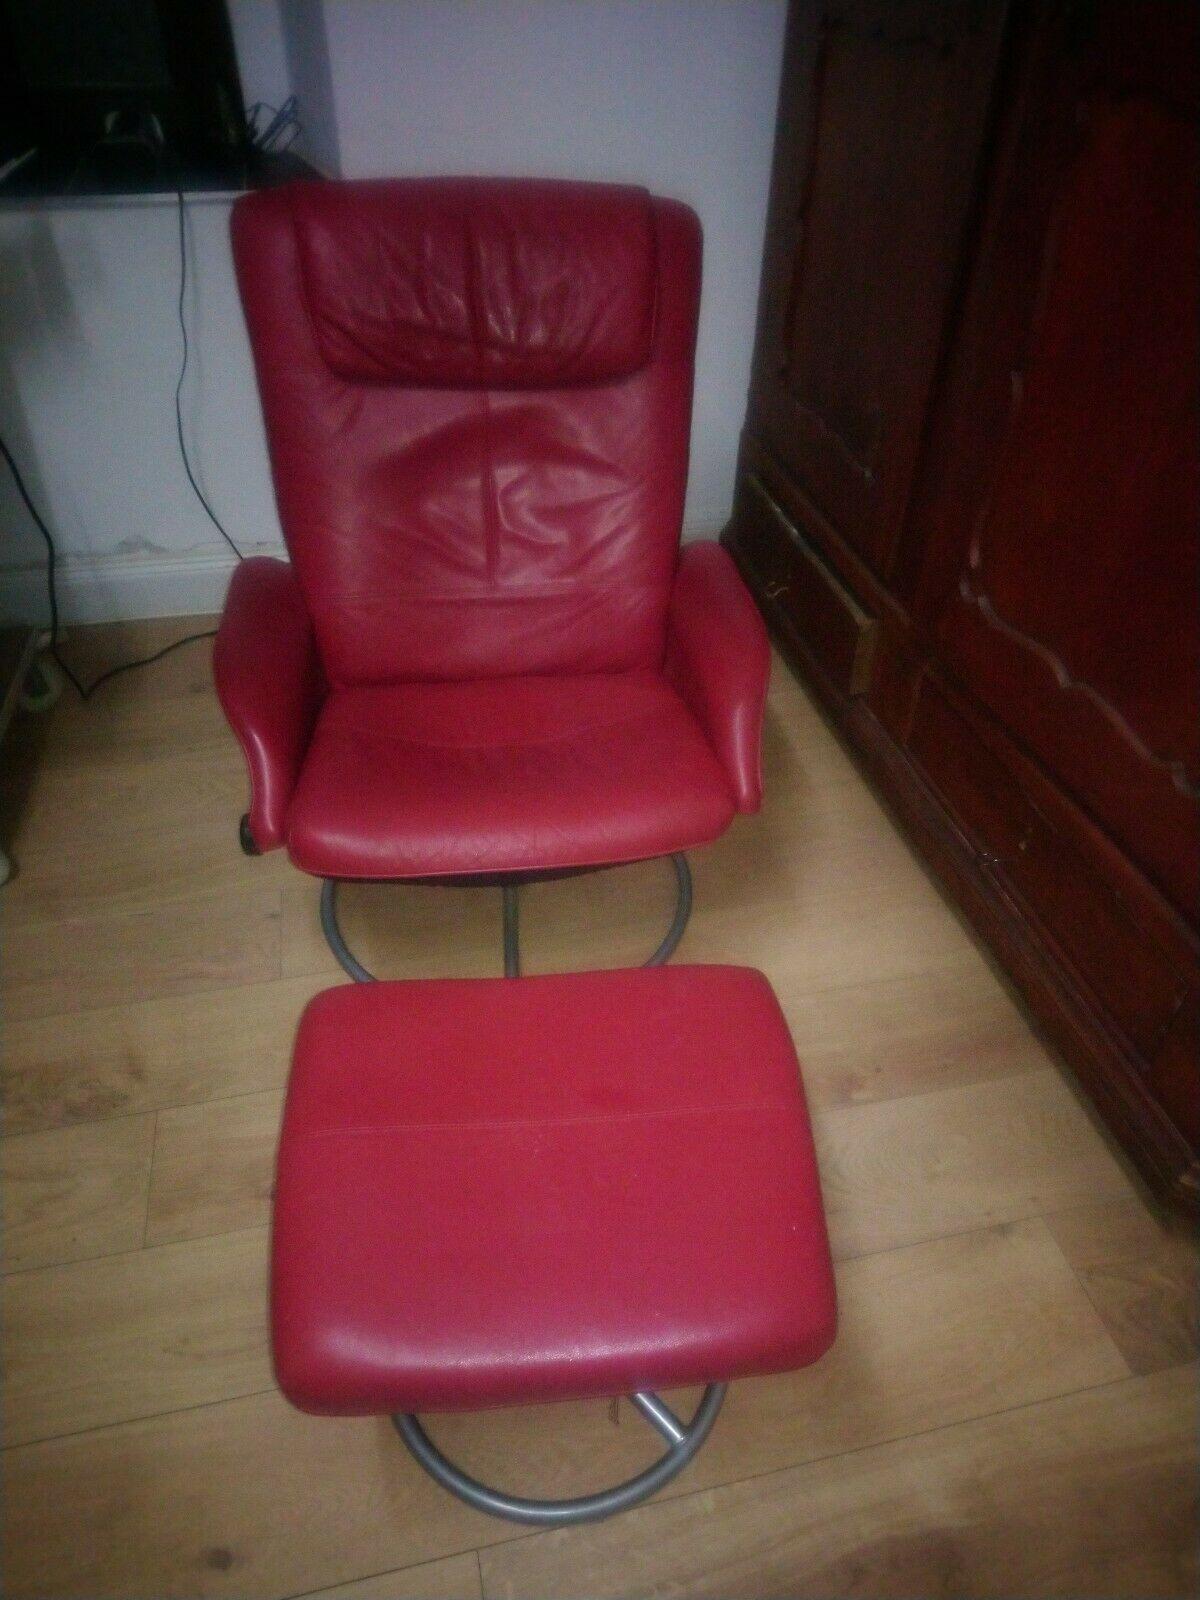 Full Size of Ikea Relaxsessel Sessel Elektrisch Gebraucht Muren Kinder Grau Mit Hocker Strandmon Garten Ausklappbarer Gnstig Kaufen Ebay Betten 160x200 Sofa Schlaffunktion Wohnzimmer Ikea Relaxsessel